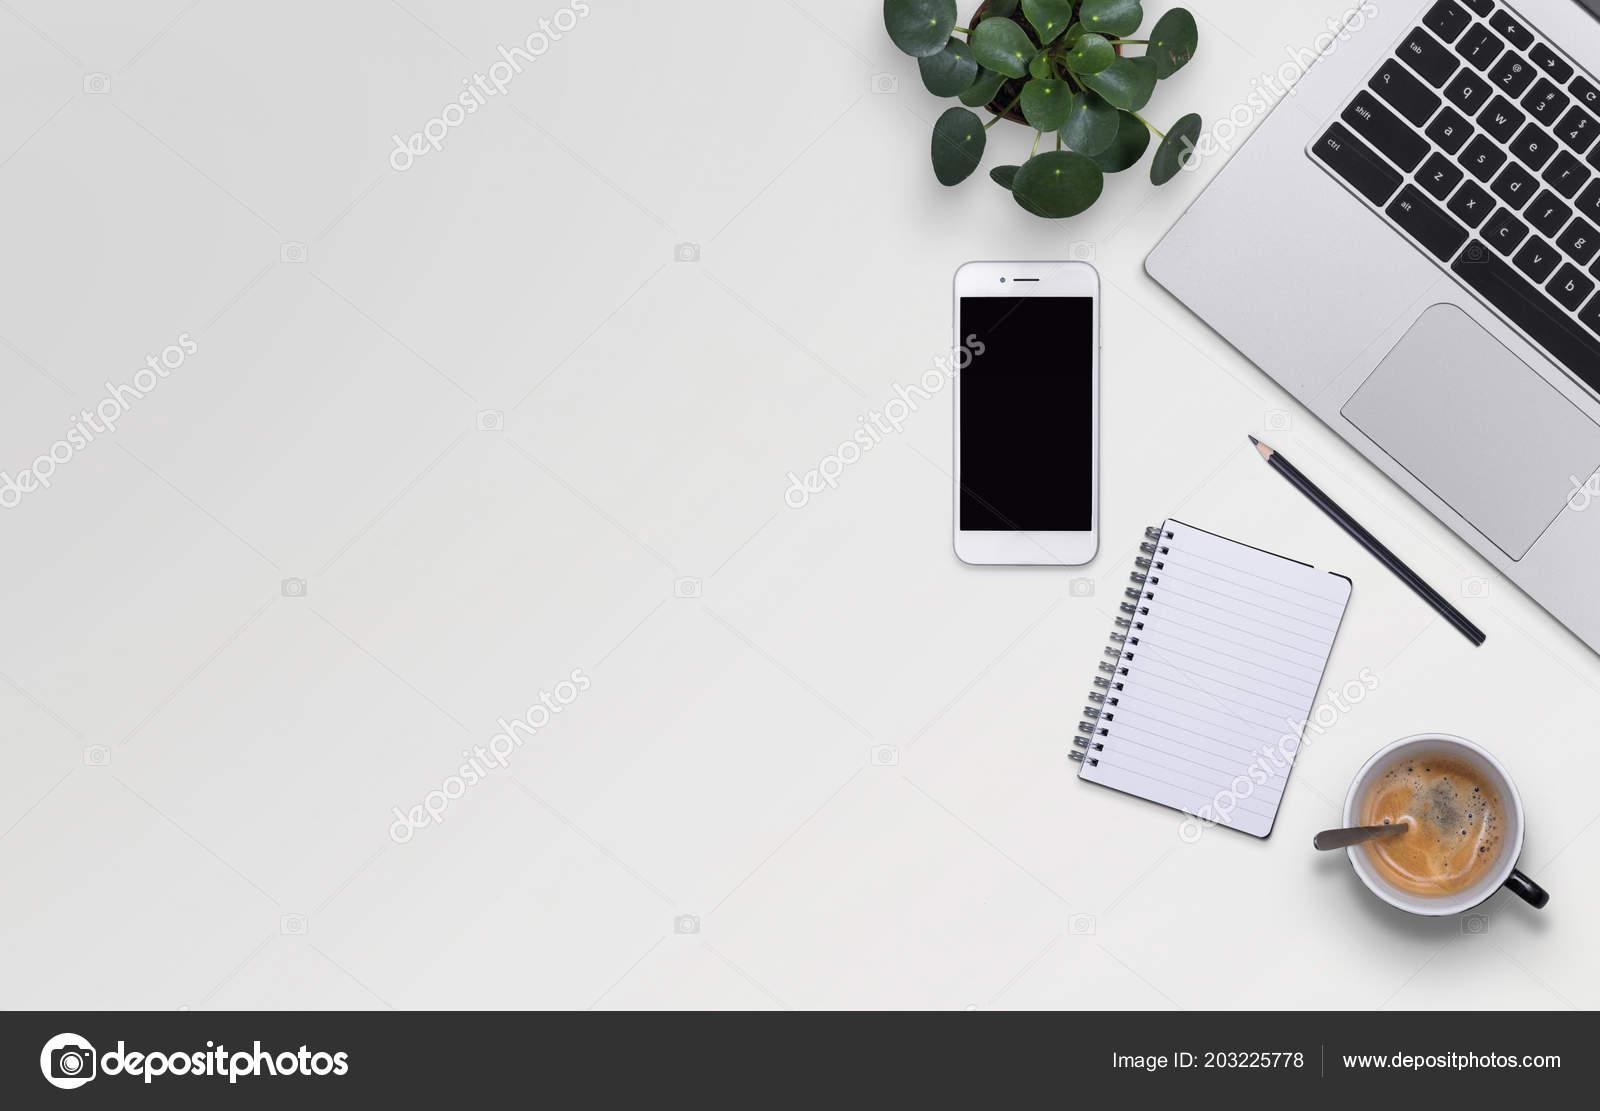 Top View Office Desktop Stock Photo Mactrunk 203225778